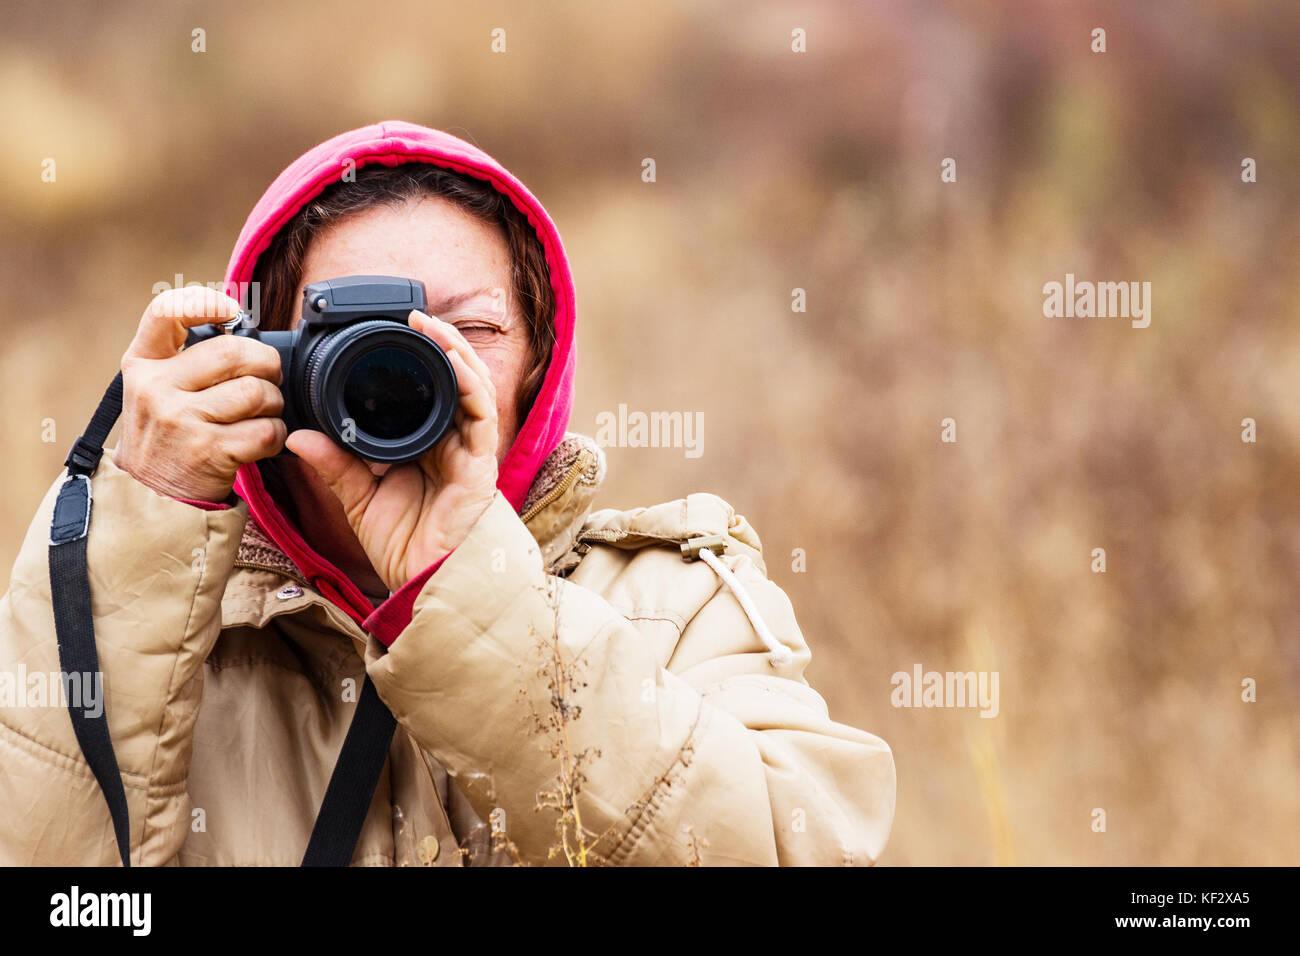 Femmina di guardare attraverso il mirino Immagini Stock